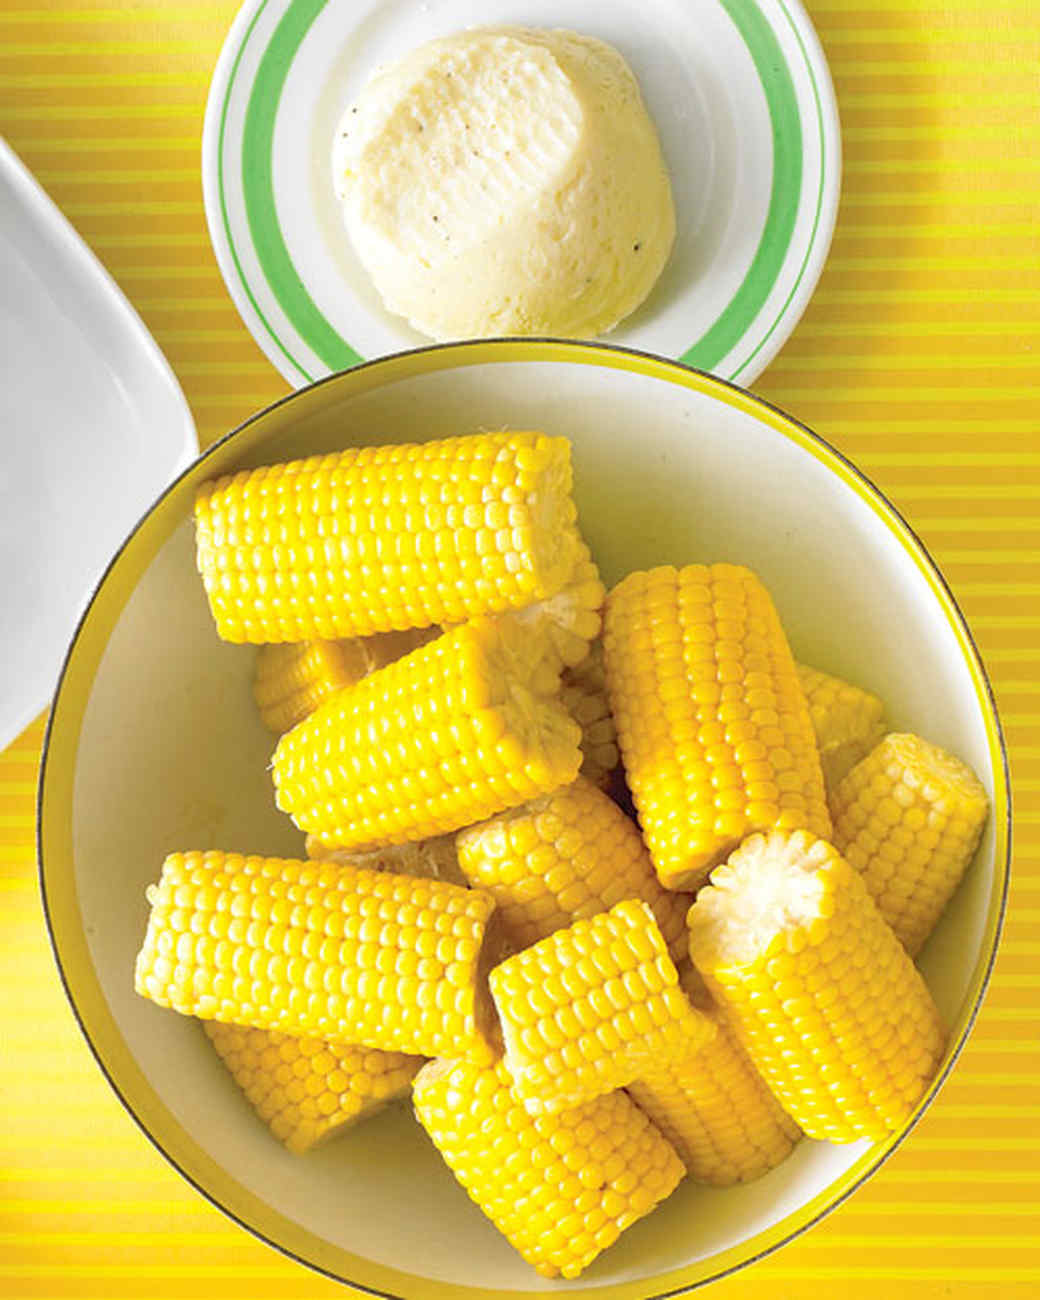 med103841_0608_corncobs.jpg